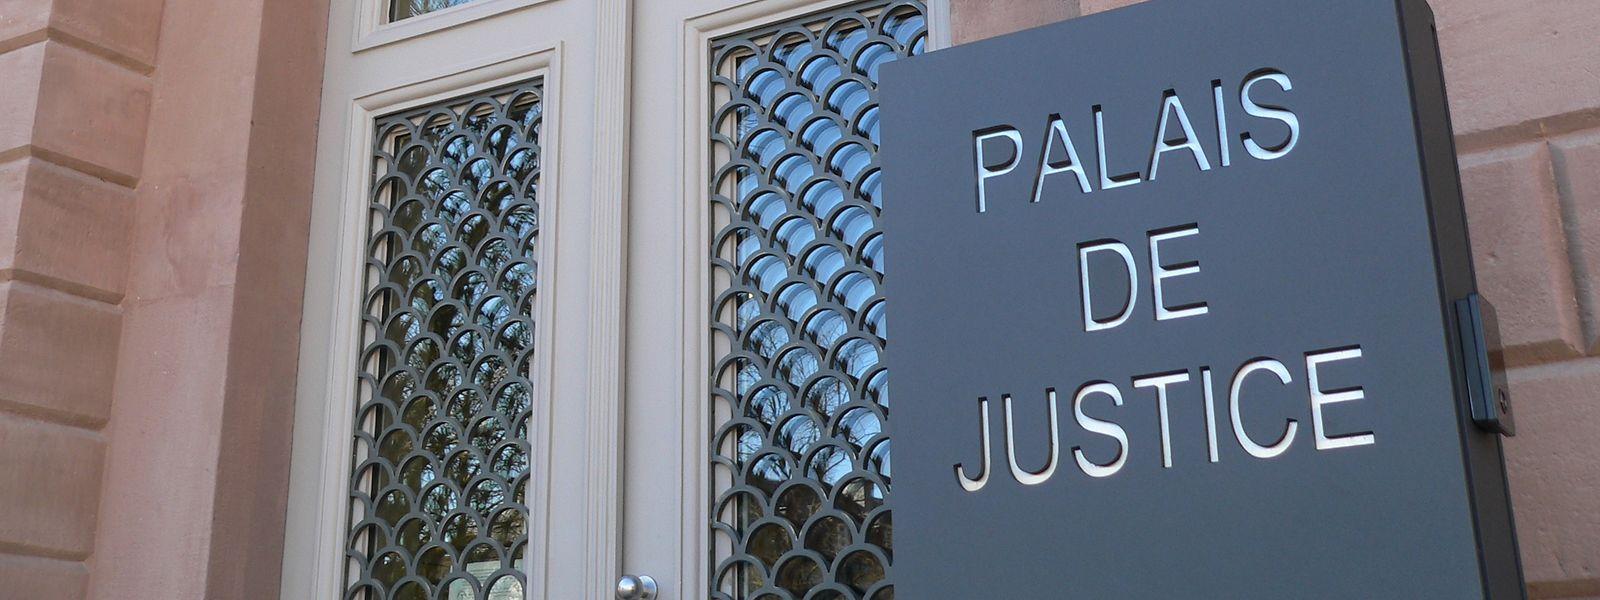 Der Angeklagte war nicht zum Prozess erschienen. Dennoch fand die Verhandlung statt.